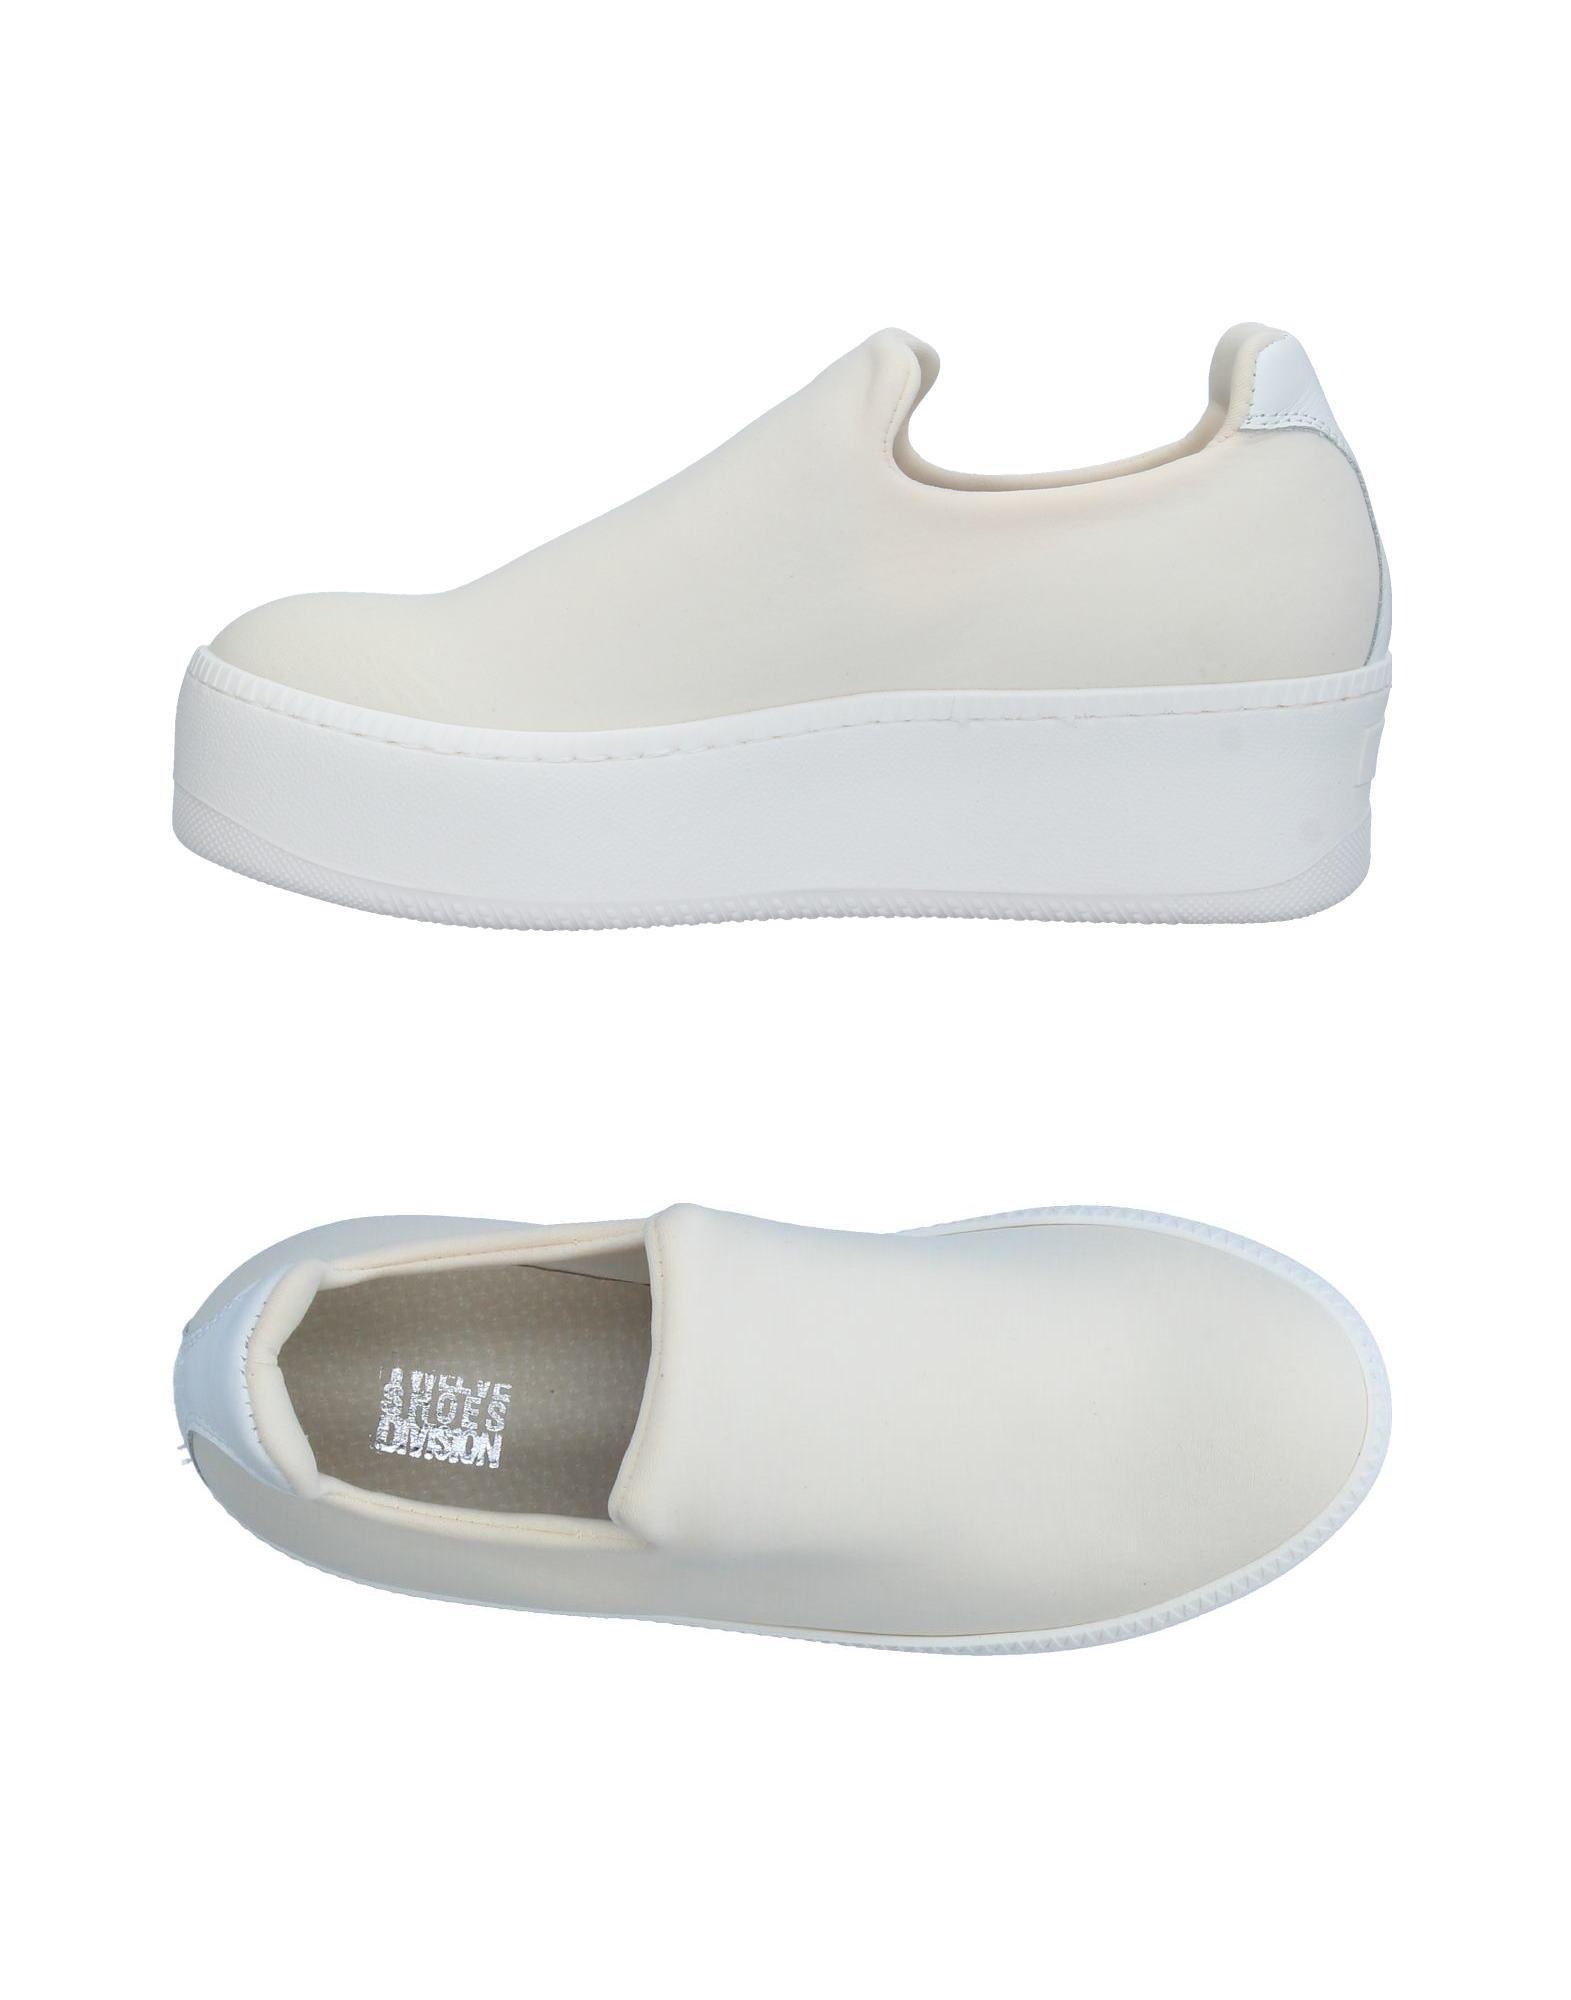 Sneakers Tsd12 Donna - 11337452XQ Scarpe economiche e buone